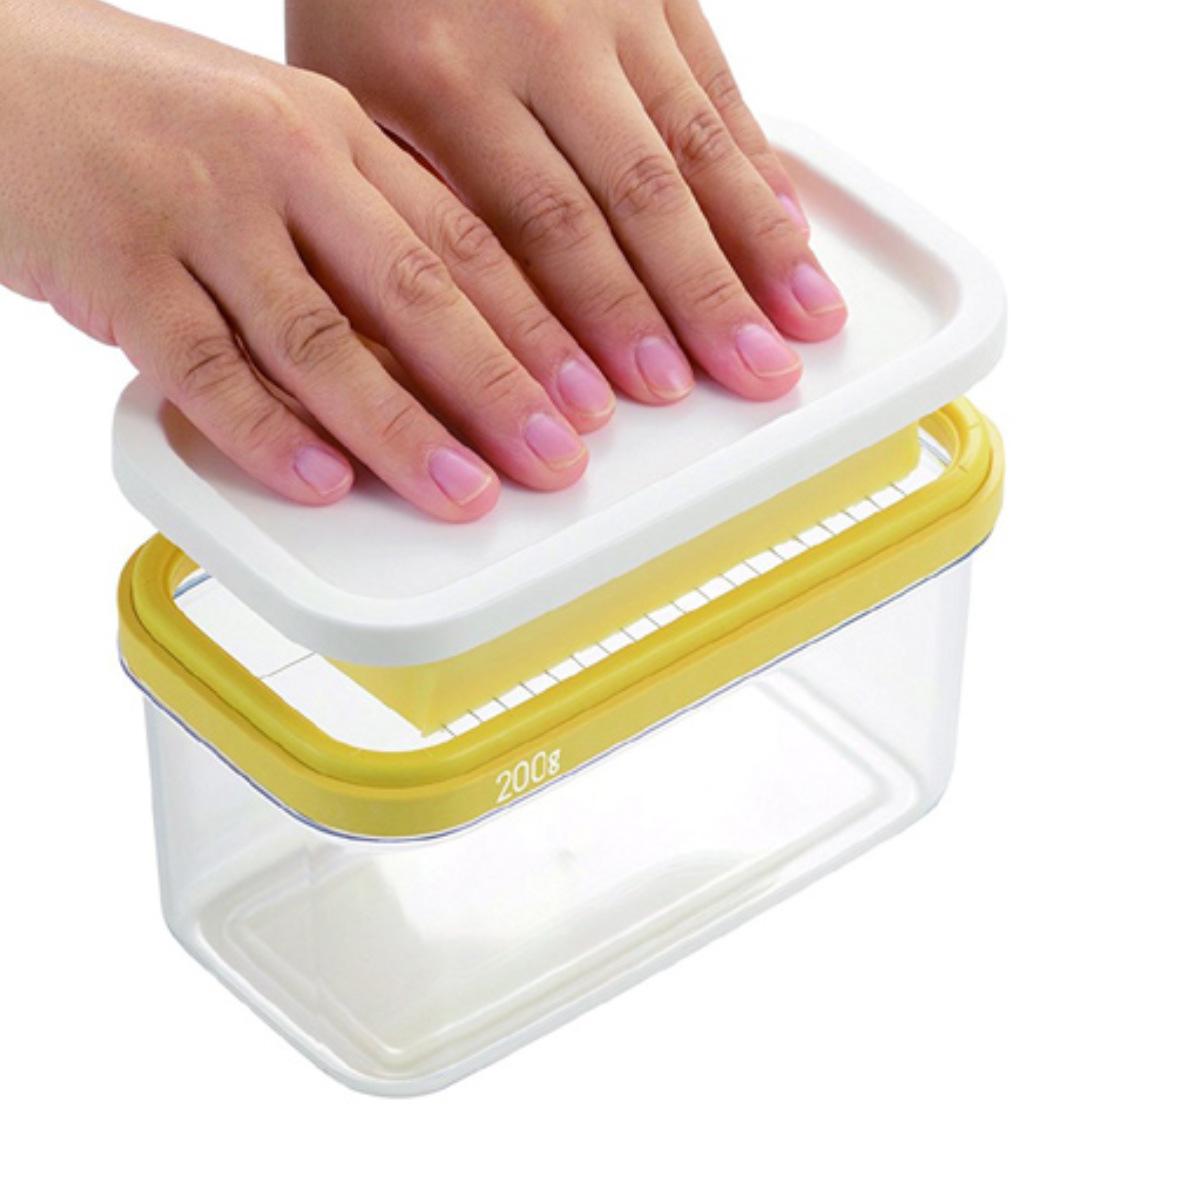 ギュッと一押しで バターを使いやすいうす切りに簡単カット トラスト バターカッター バターカッティングケース 日本製 バター入れ バターホルダー 保存容器 キッチンツール キッチン小物 便利グッズ 税込 バター薄切り 保存ケース バターカット 10g ケース フタ付 バター 容器 5g